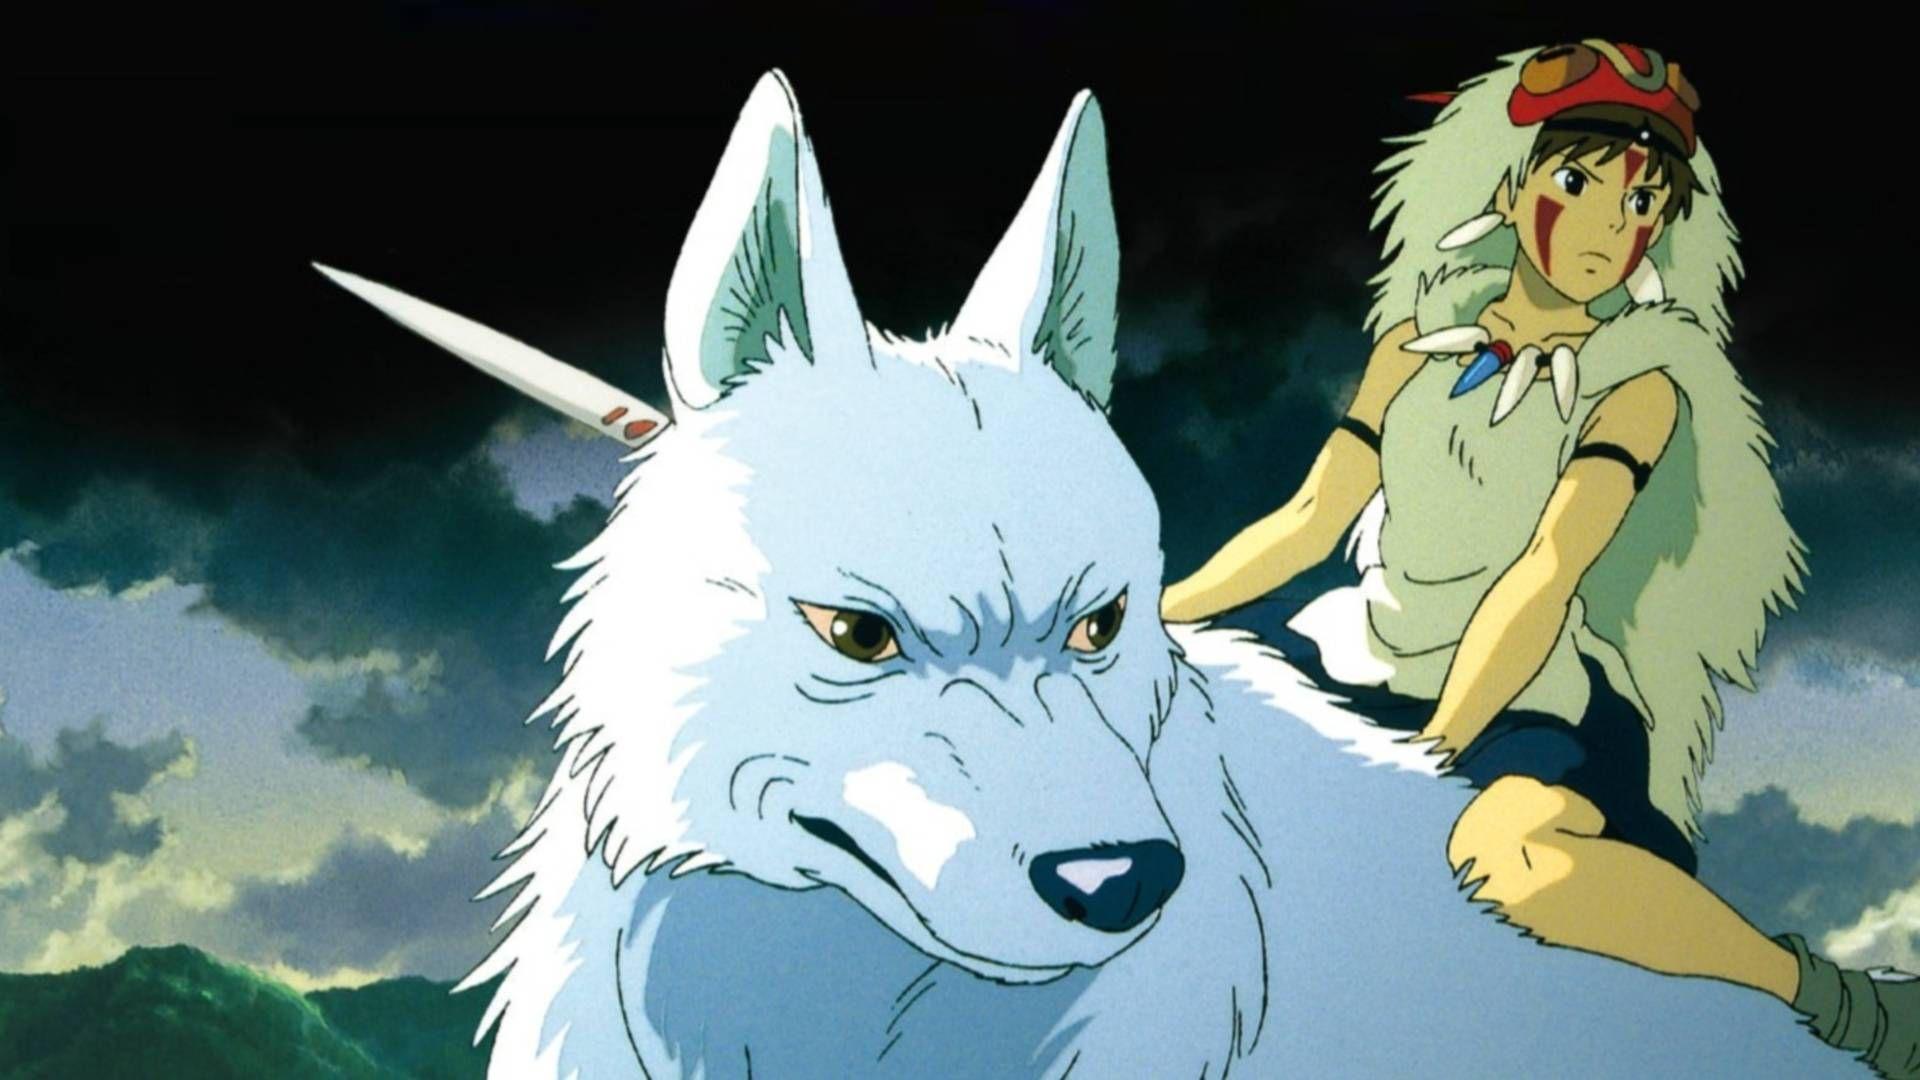 Princess Mononoke Studio Ghibli Wallpaper Studio Ghibli Princess Mononoke Wallpaper Princess Mononoke